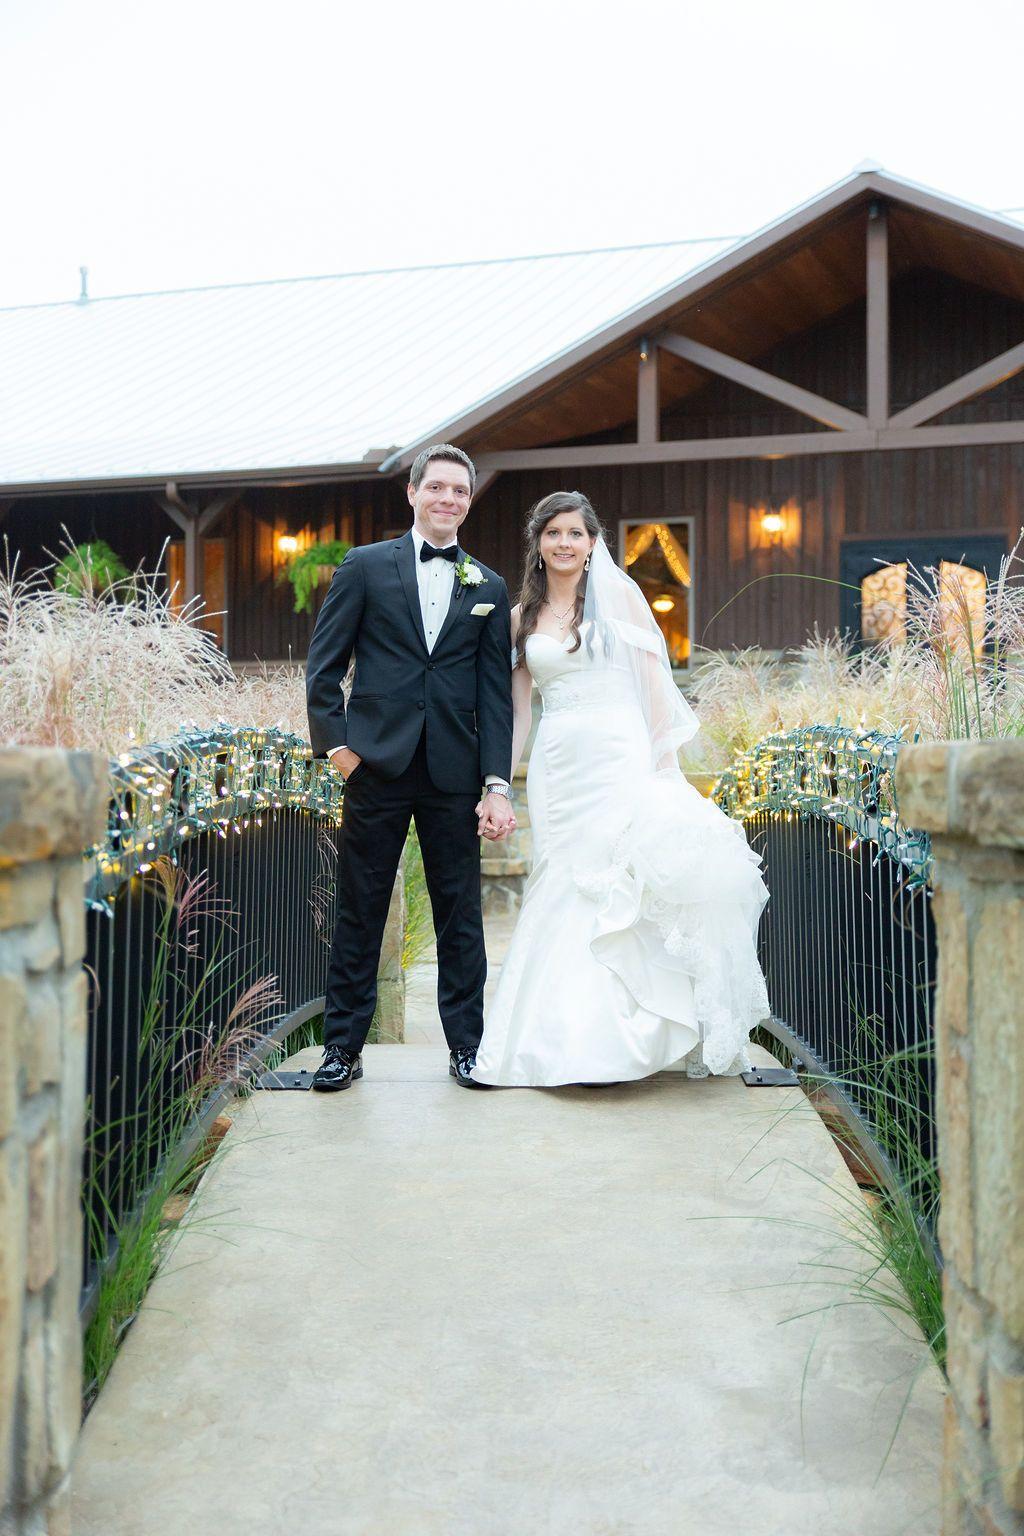 Tulsa Wedding Venue Springs Venue Oklahoma Wedding Venues Tulsa Wedding Venues Ranch Wedding Venue